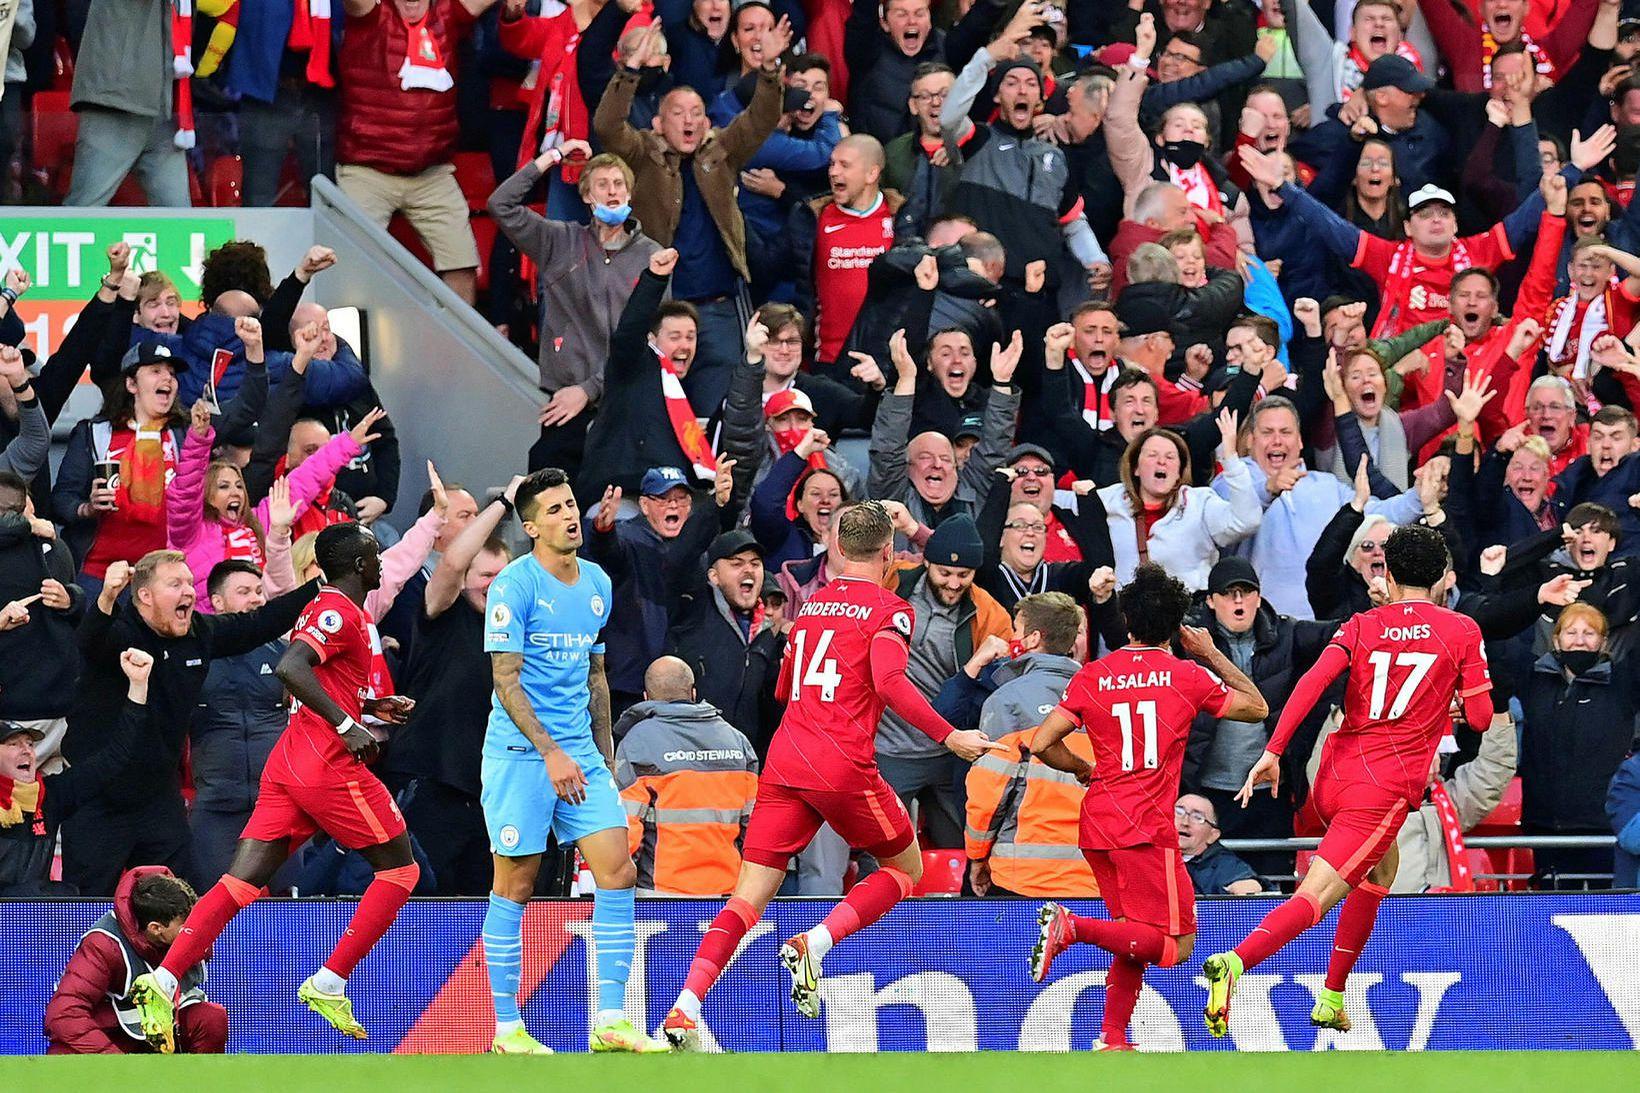 Leikmenn Liverpool fagna stórkostlegu marki Mohamed Salah.